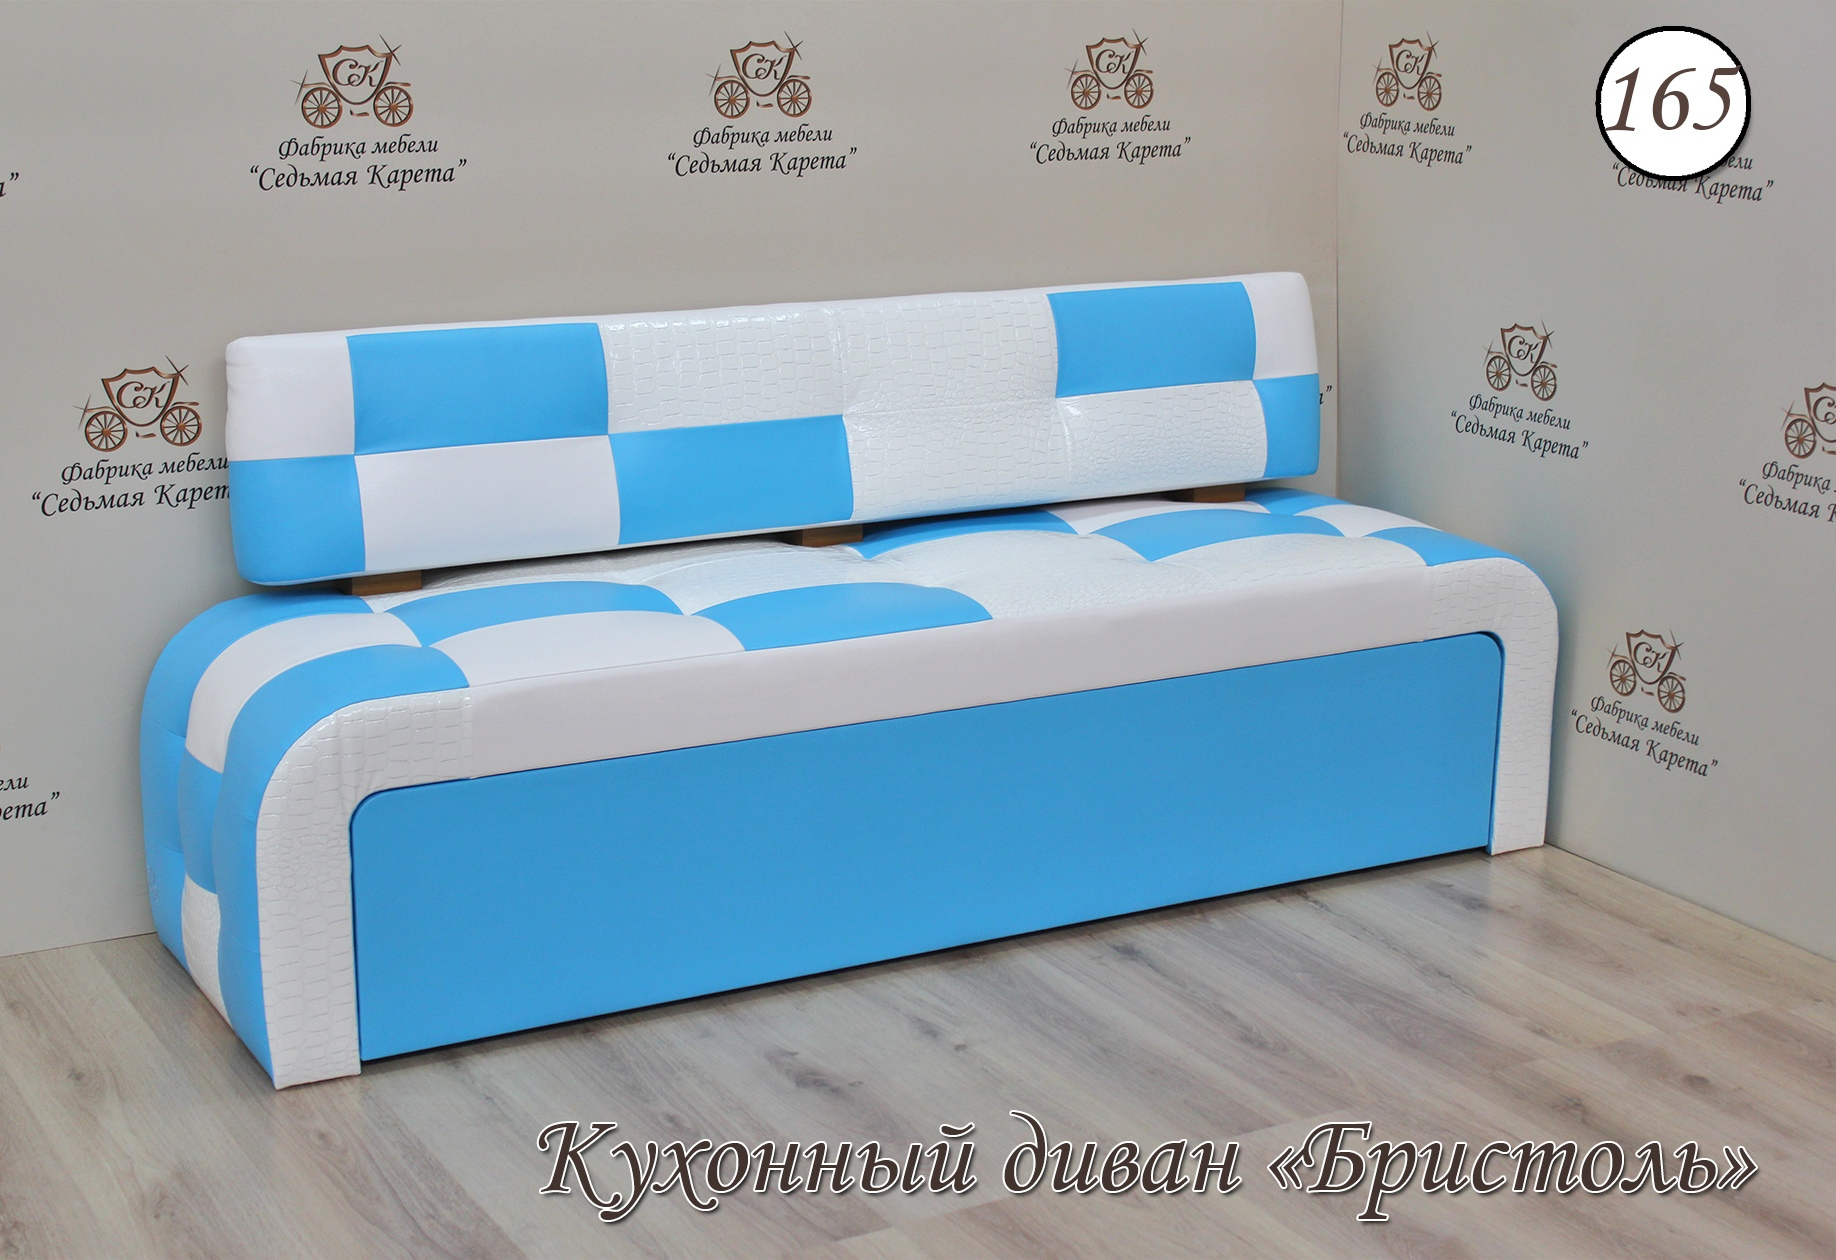 Кухонный диван Бристоль-165